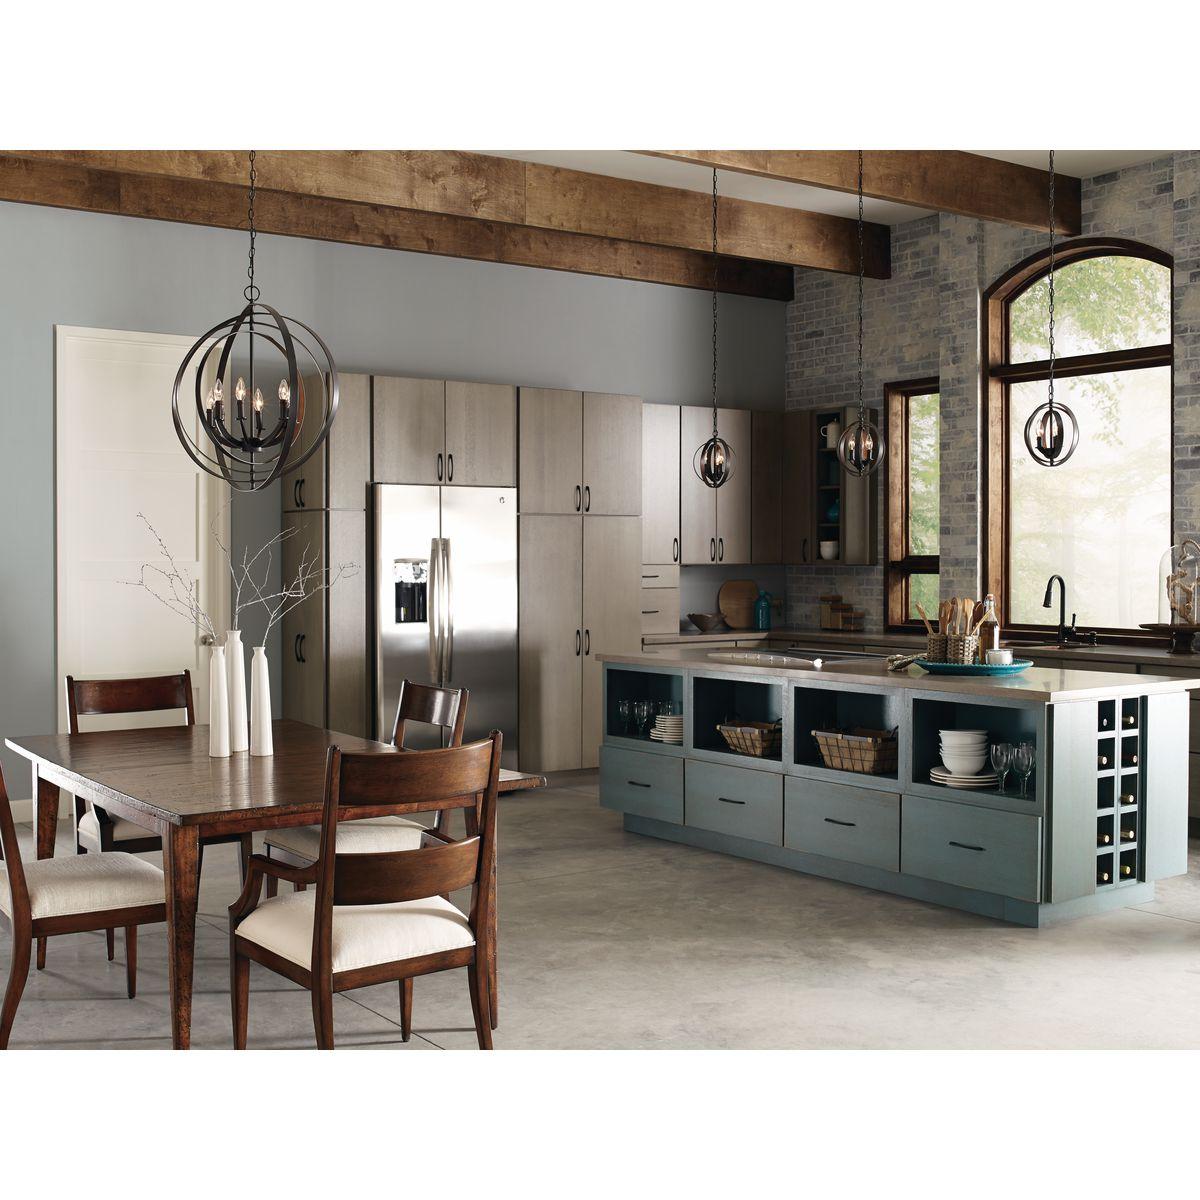 Prog P3889 20 Prodimage Equinox Img 0773 Detailshot Kitchen P3791 And P5142 Appshot Bedroom3